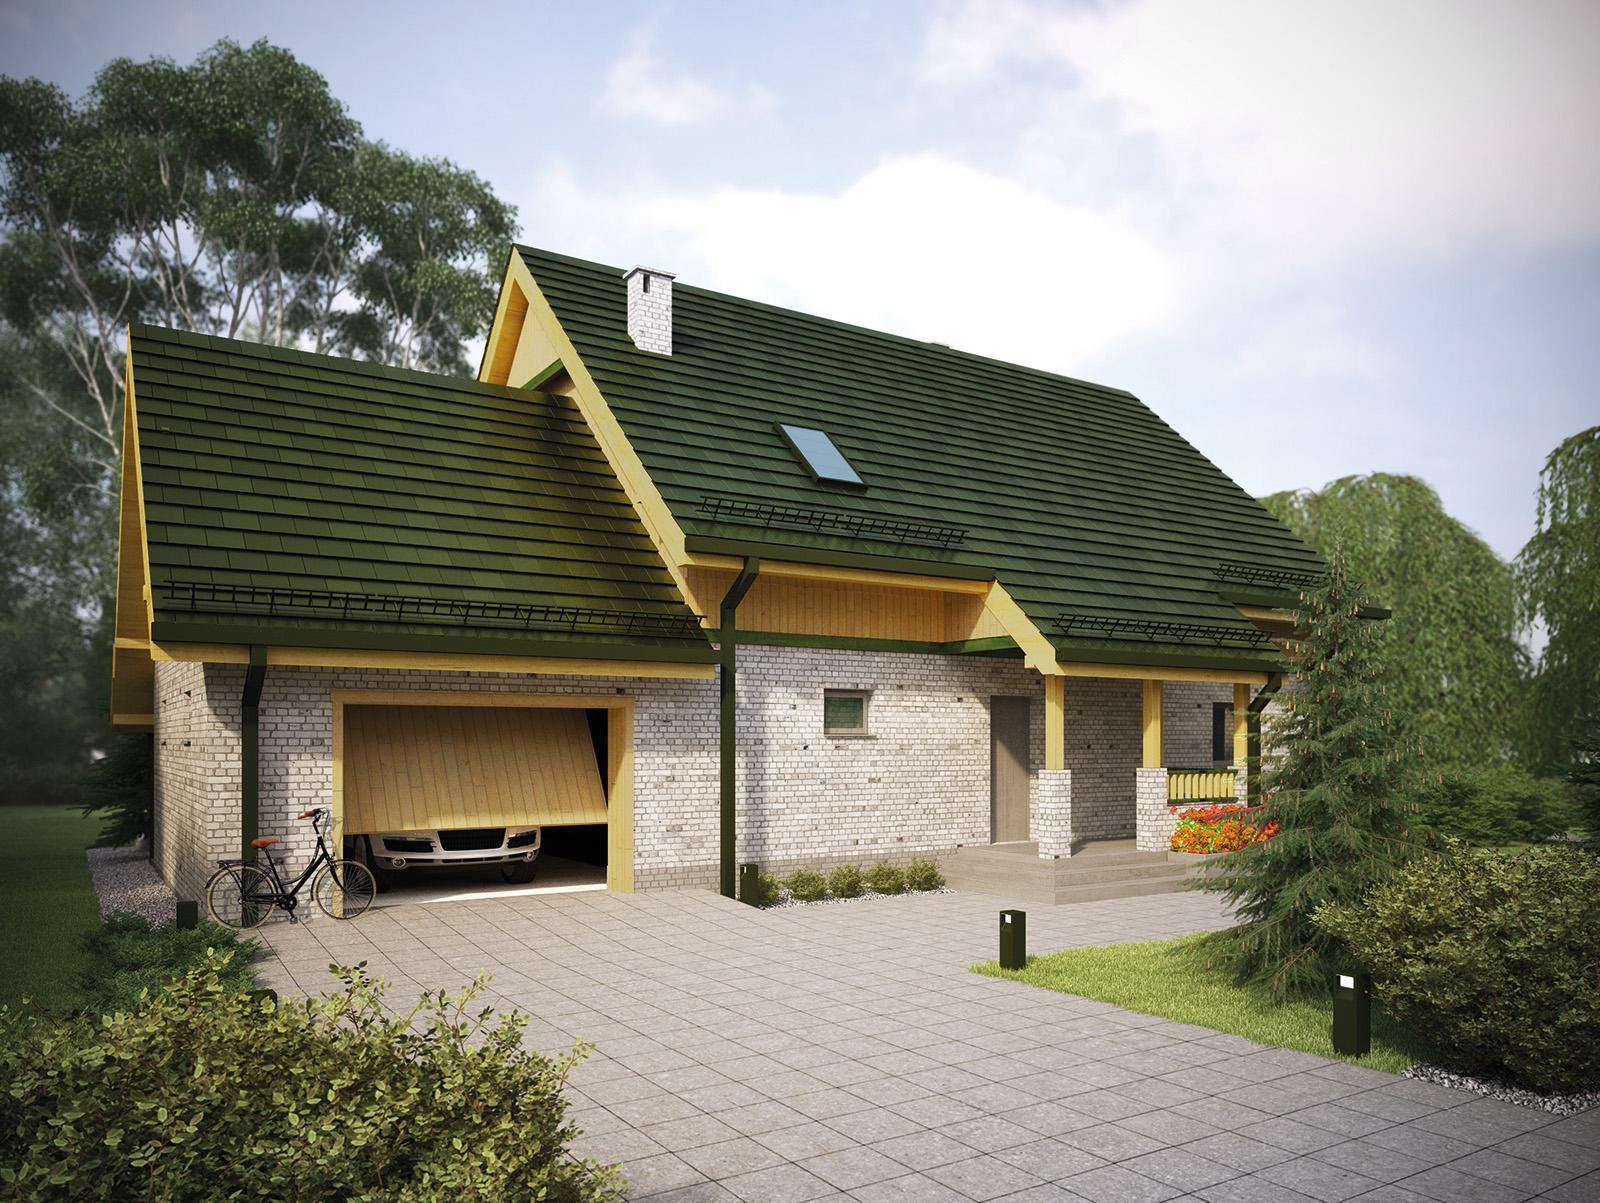 Projekt domu WIOSENNY Domy Czystej Energii widok od frontu